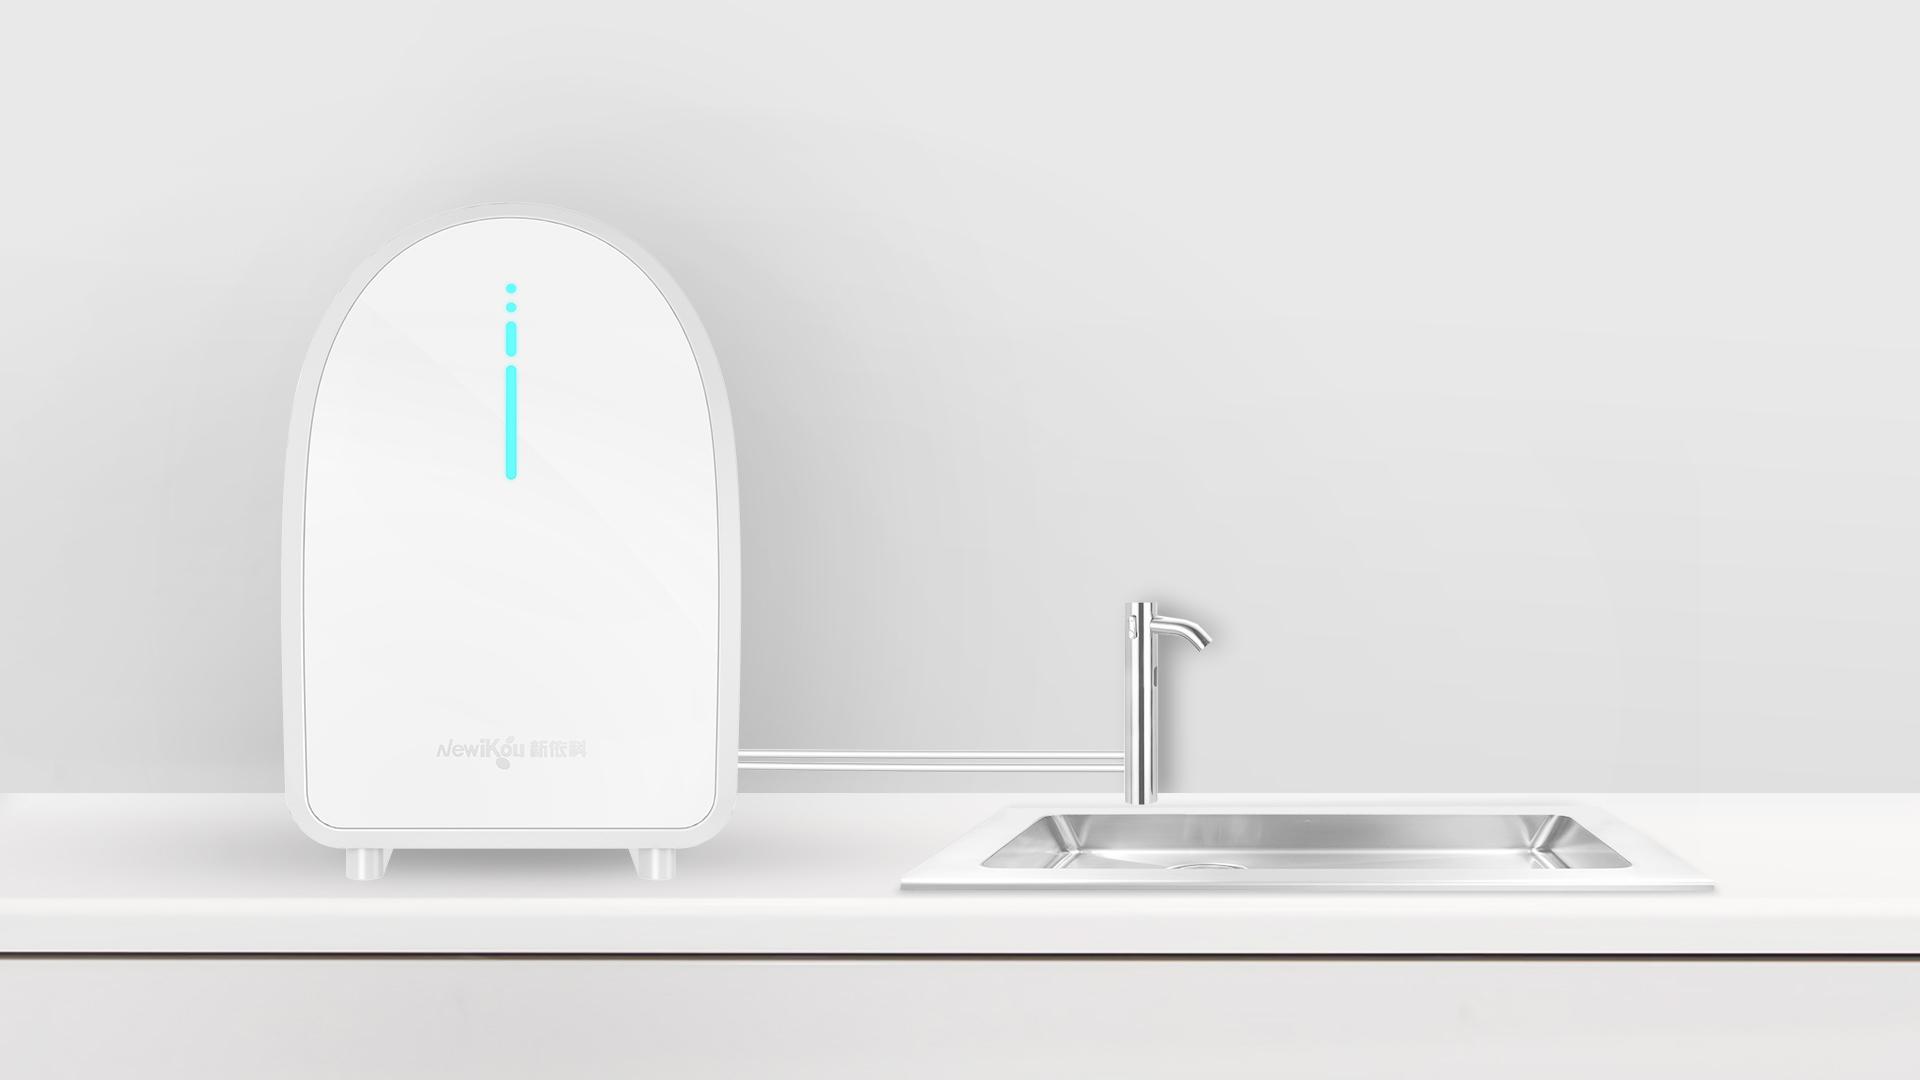 蓝氧水机_产品设计-来设计